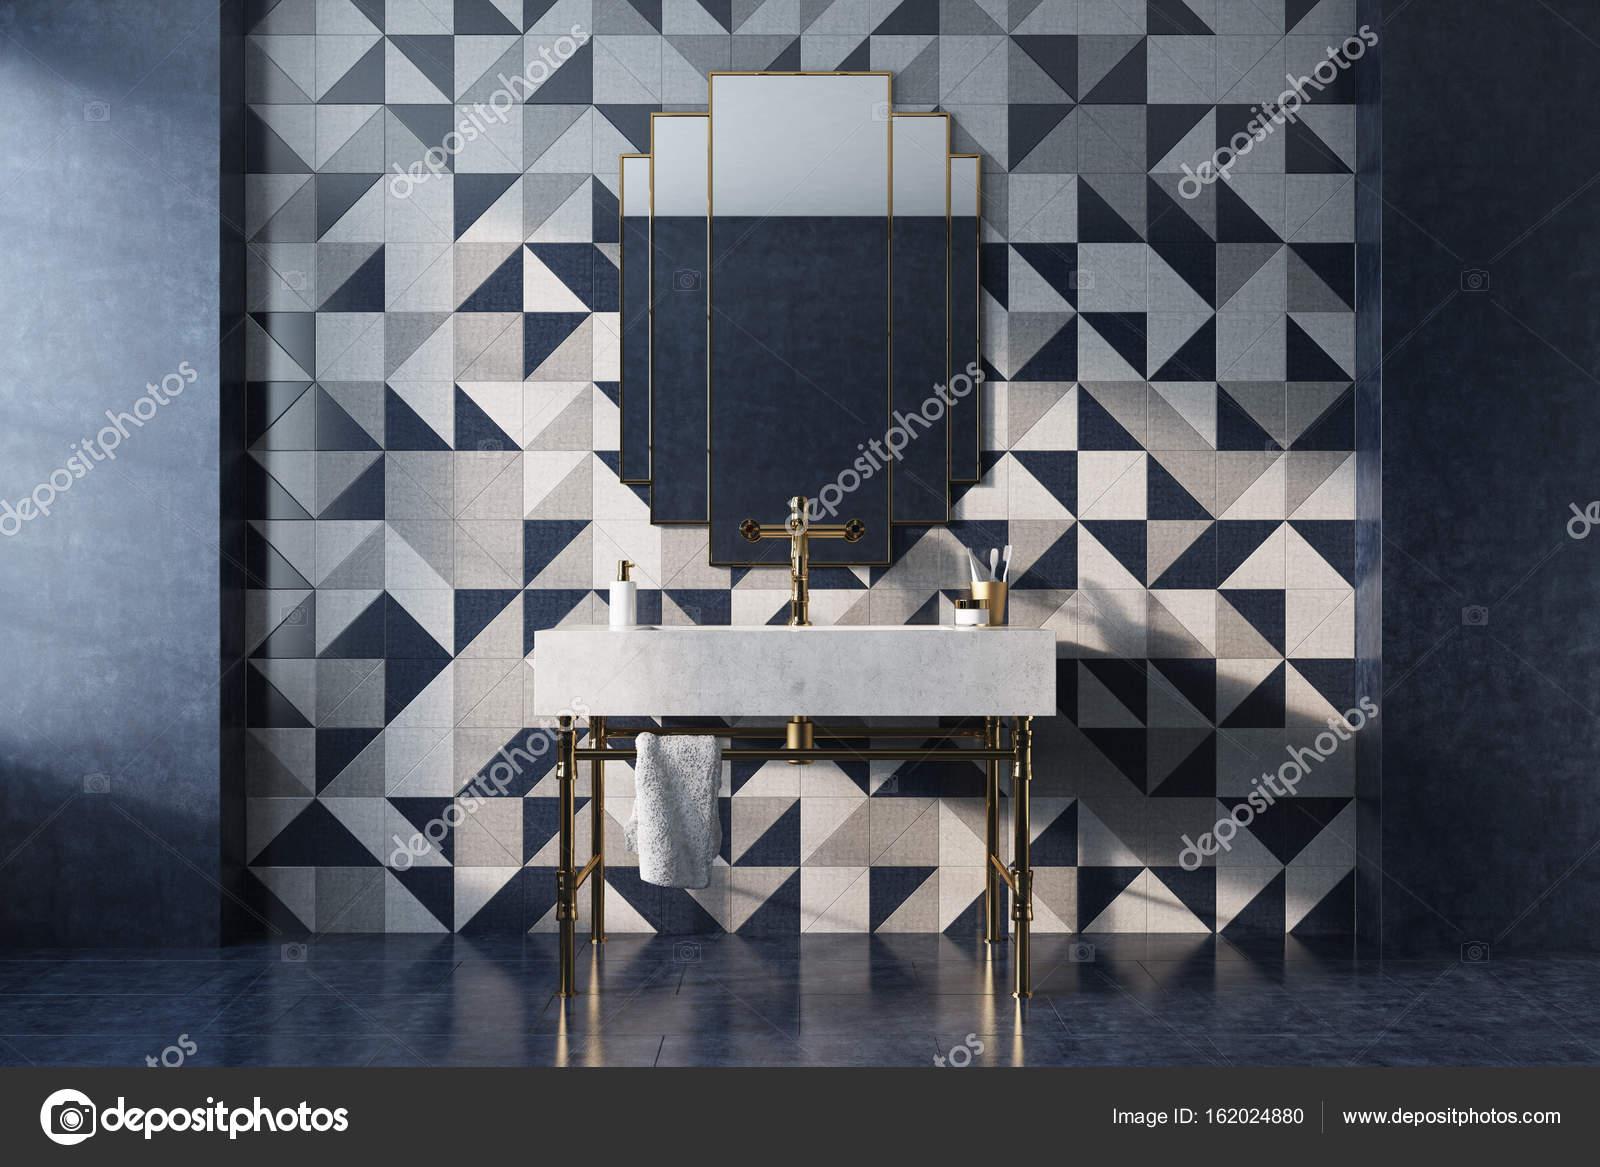 Parete Mosaico Bagno : Parete mosaico interna bagno di lusso u foto stock